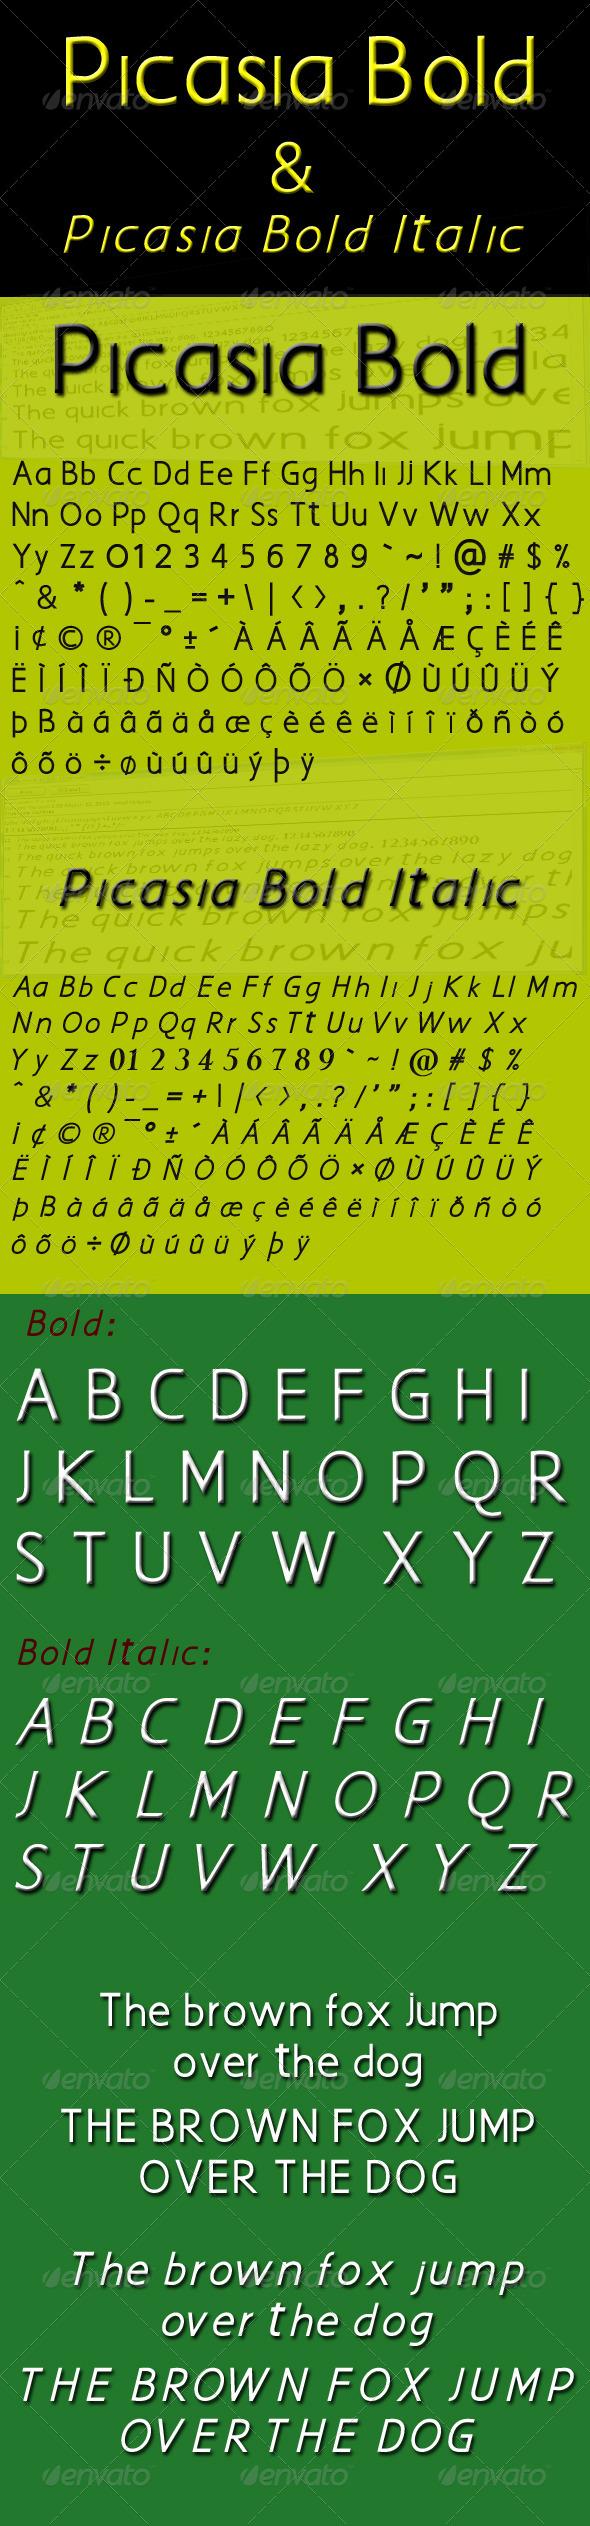 GraphicRiver Picasia Bold & Picasia Bold Italic Fonts 4398765